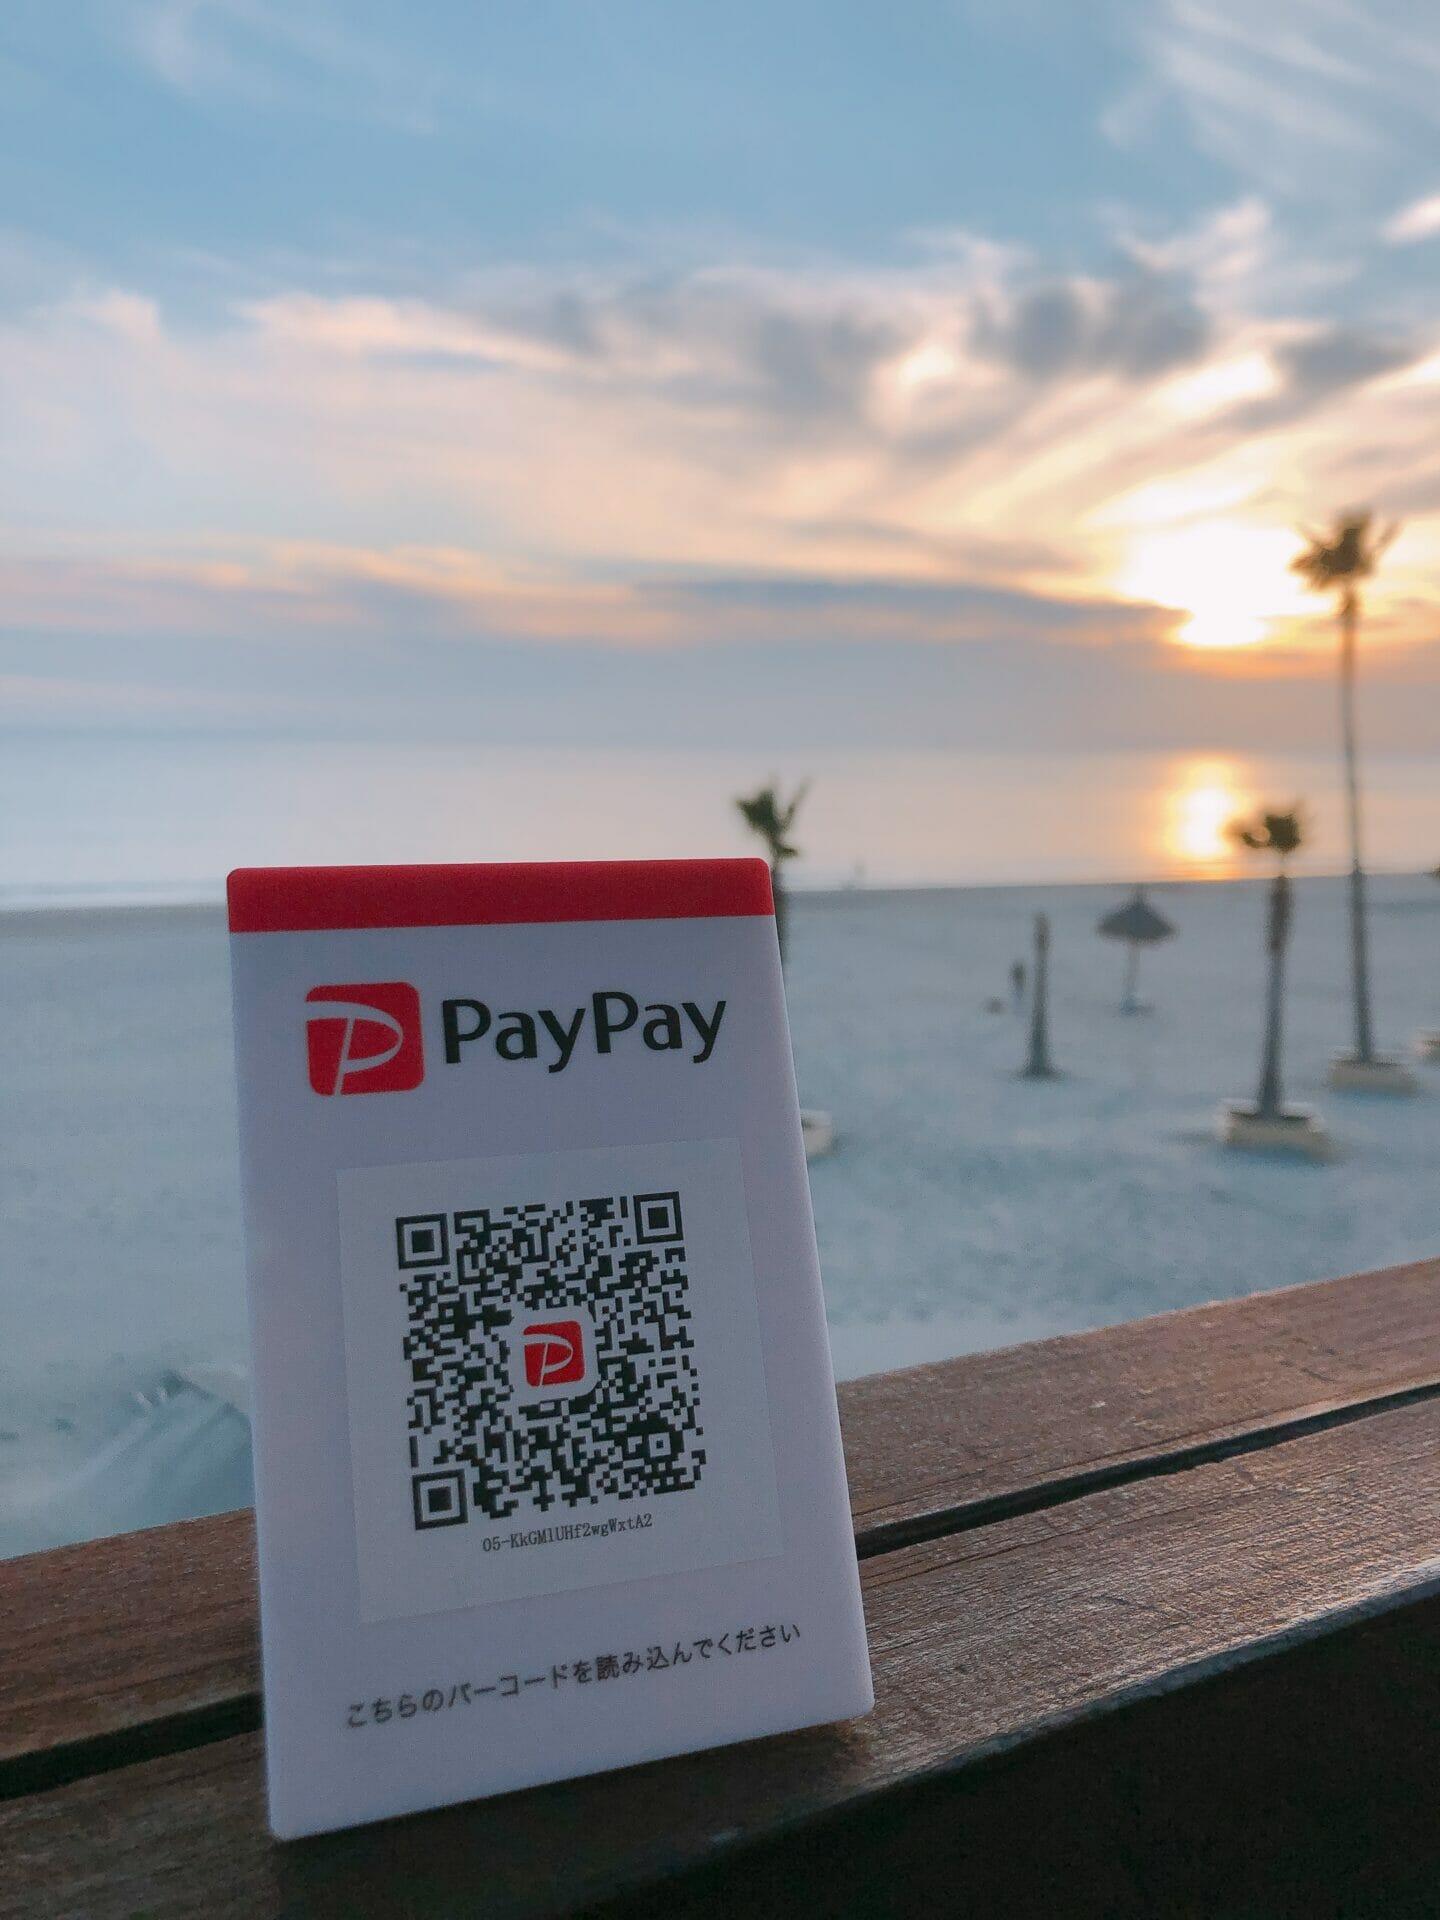 カフェグリュックで、PayPayでのお支払いが可能になりました。